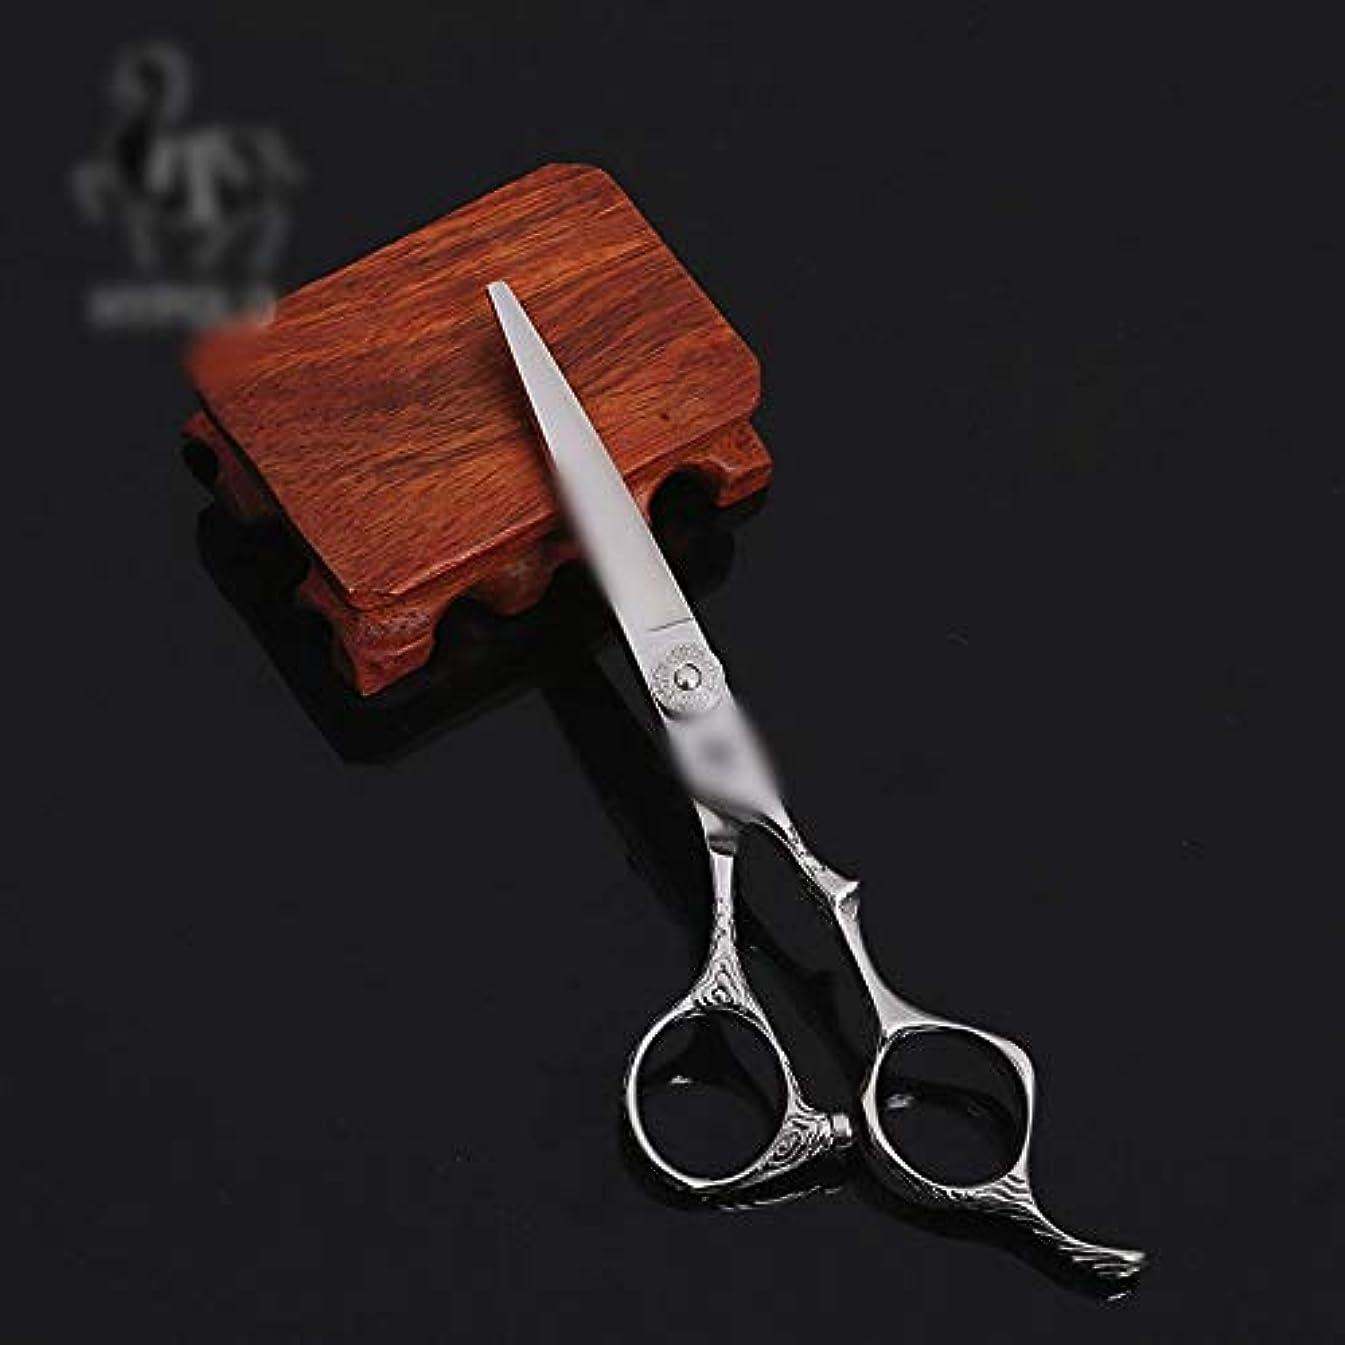 家庭マルコポーロ祖父母を訪問6インチの美容院の専門の理髪はさみの平らなはさみ、ハイエンドの専門の理髪用具の平らなはさみ ヘアケア (色 : Silver)